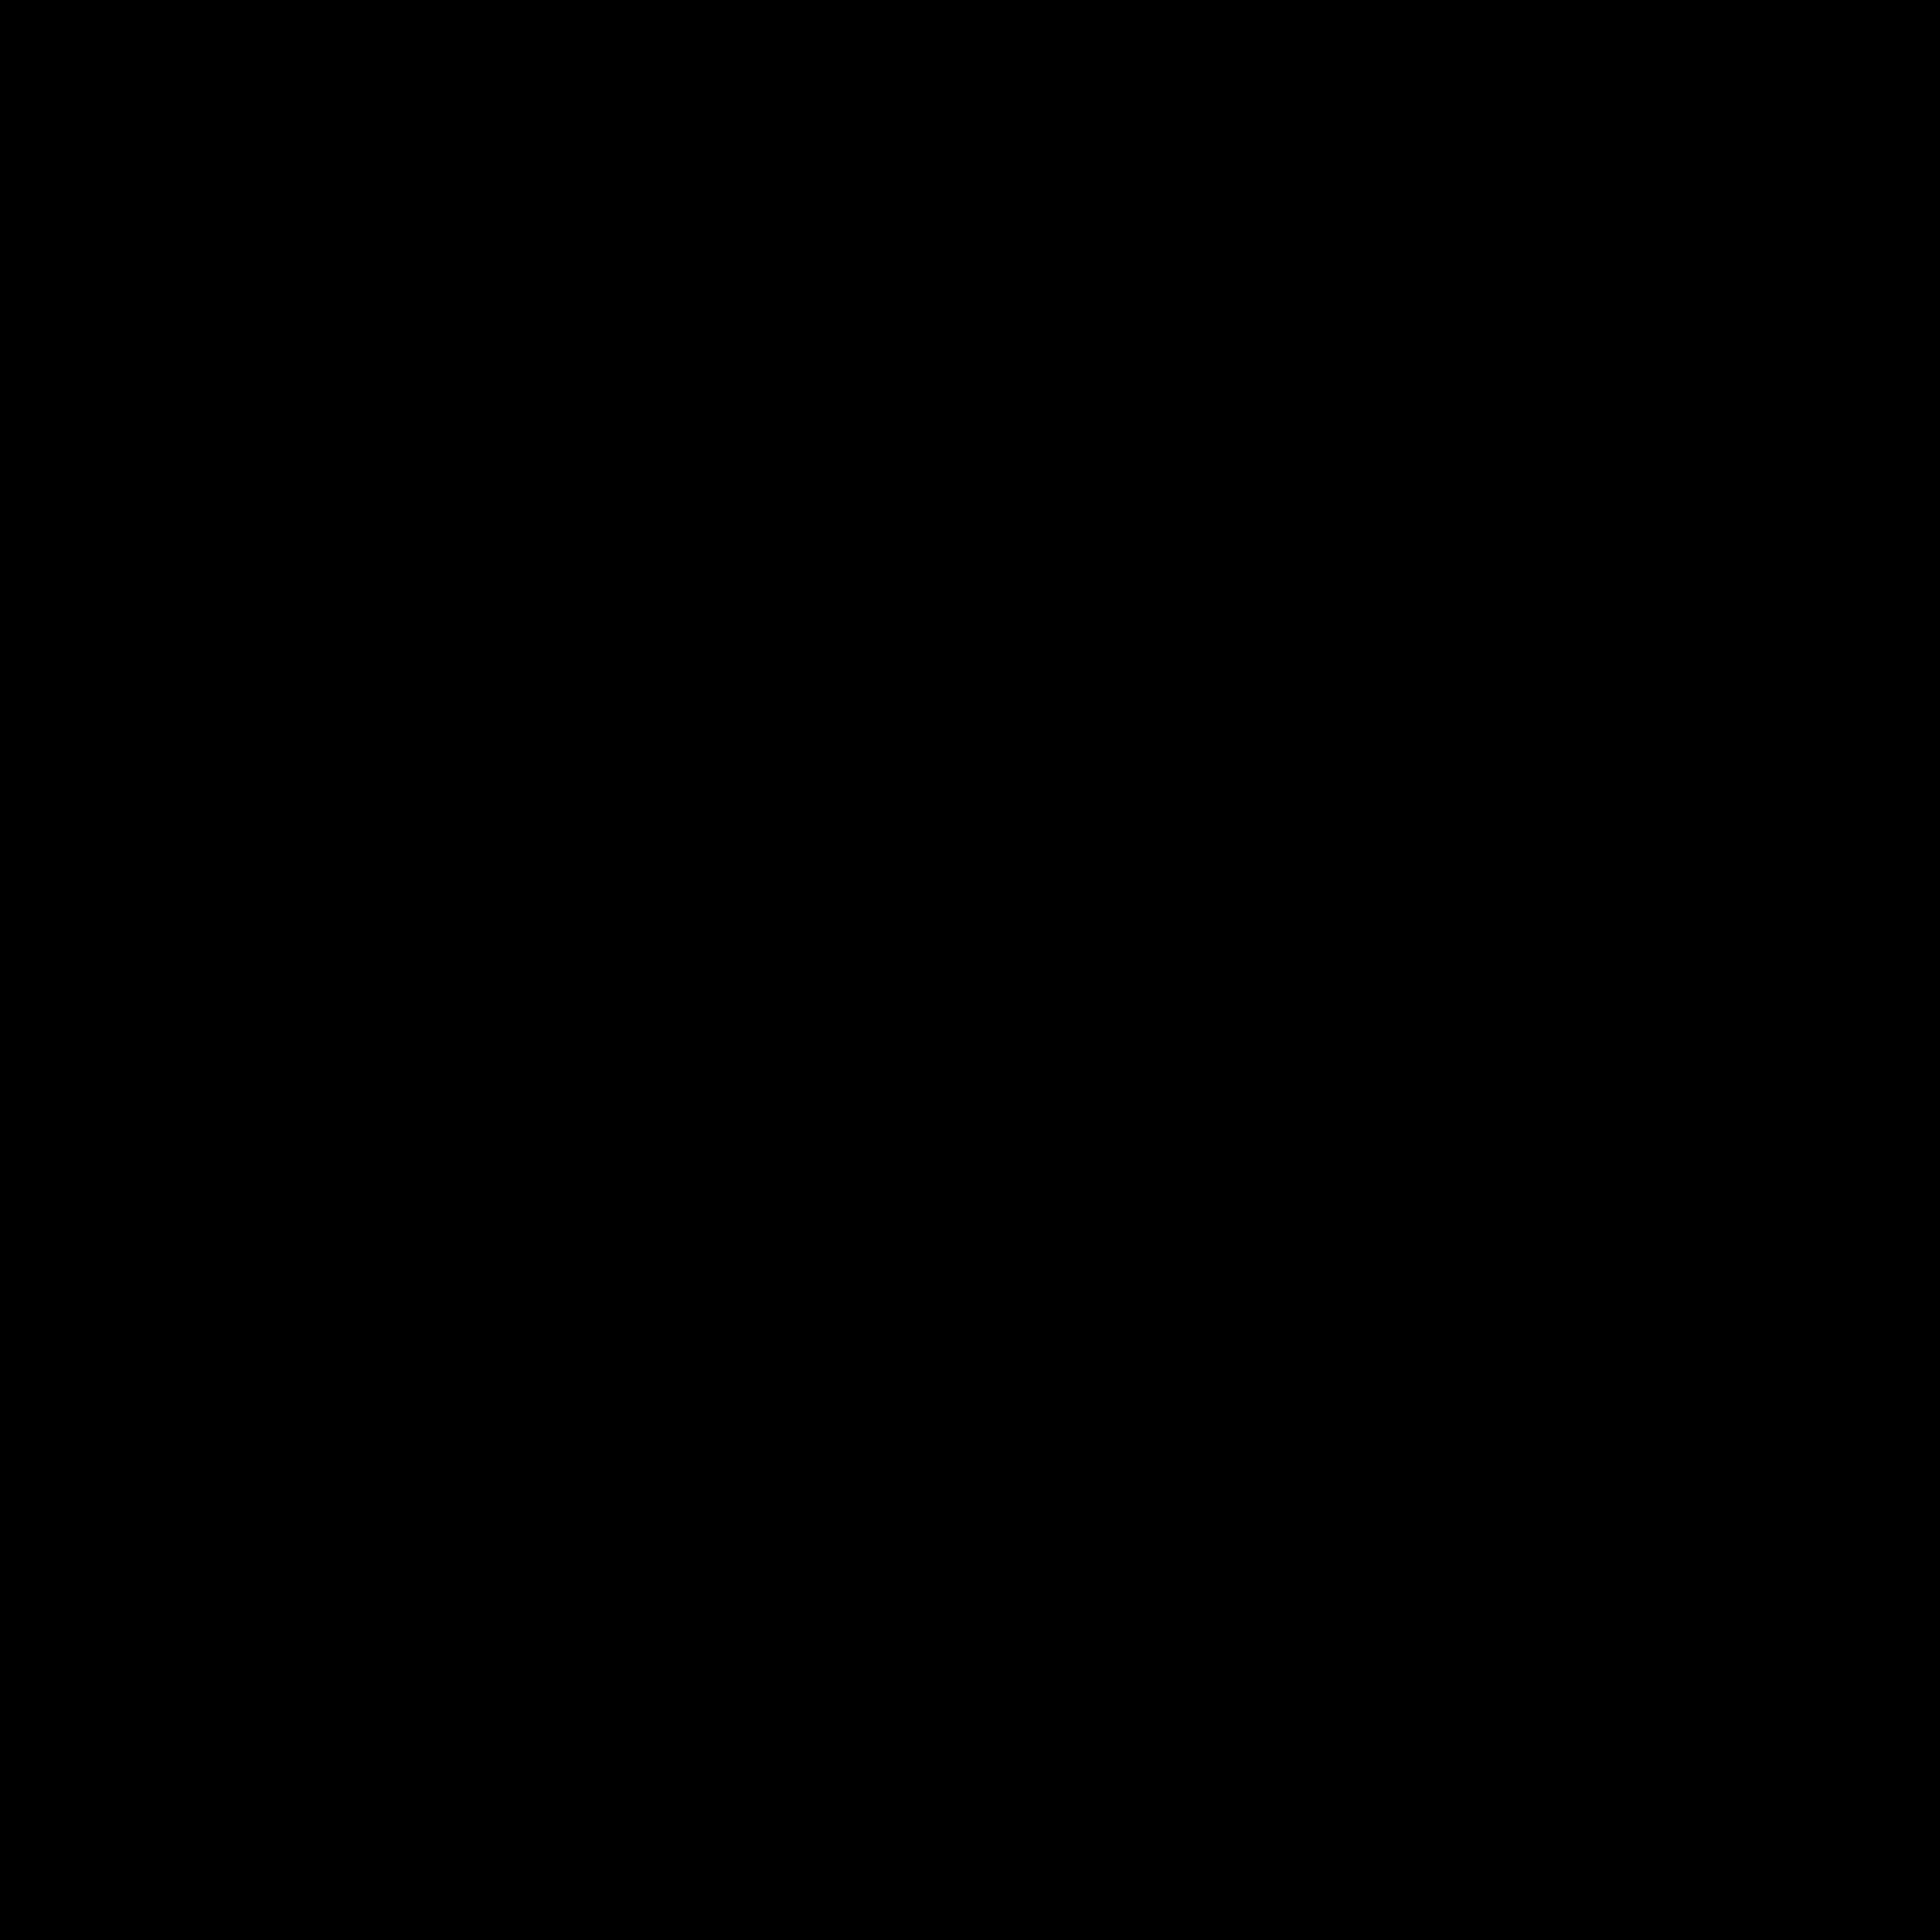 Shu Uemura Logo PNG Transparent & SVG Vector - Freebie Supply